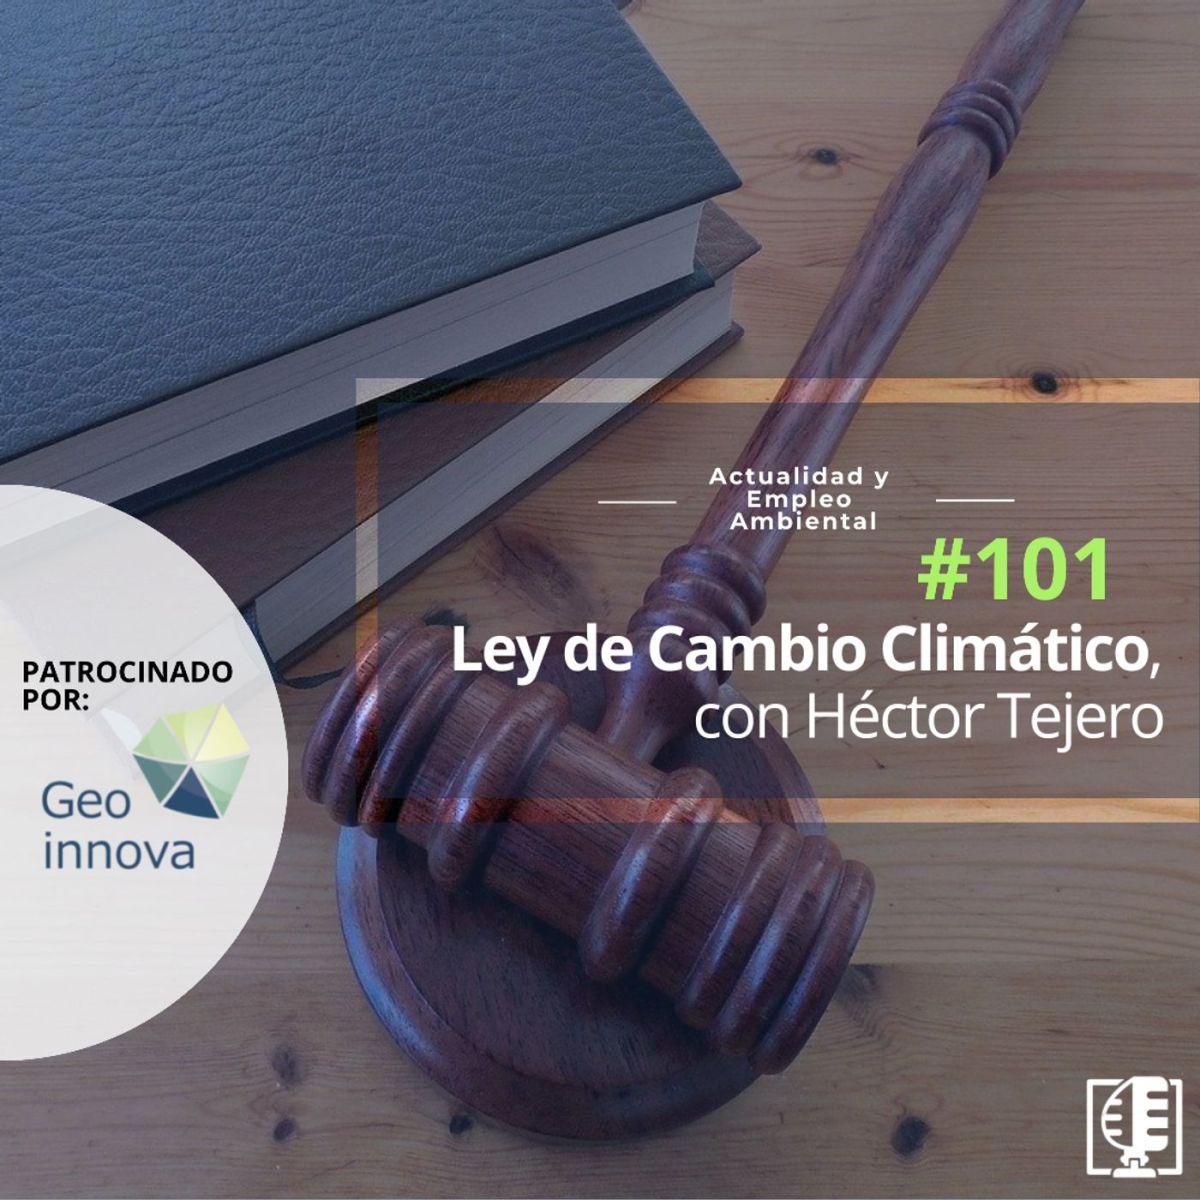 Ley de Cambio Climático, con Hector Tejero. #101